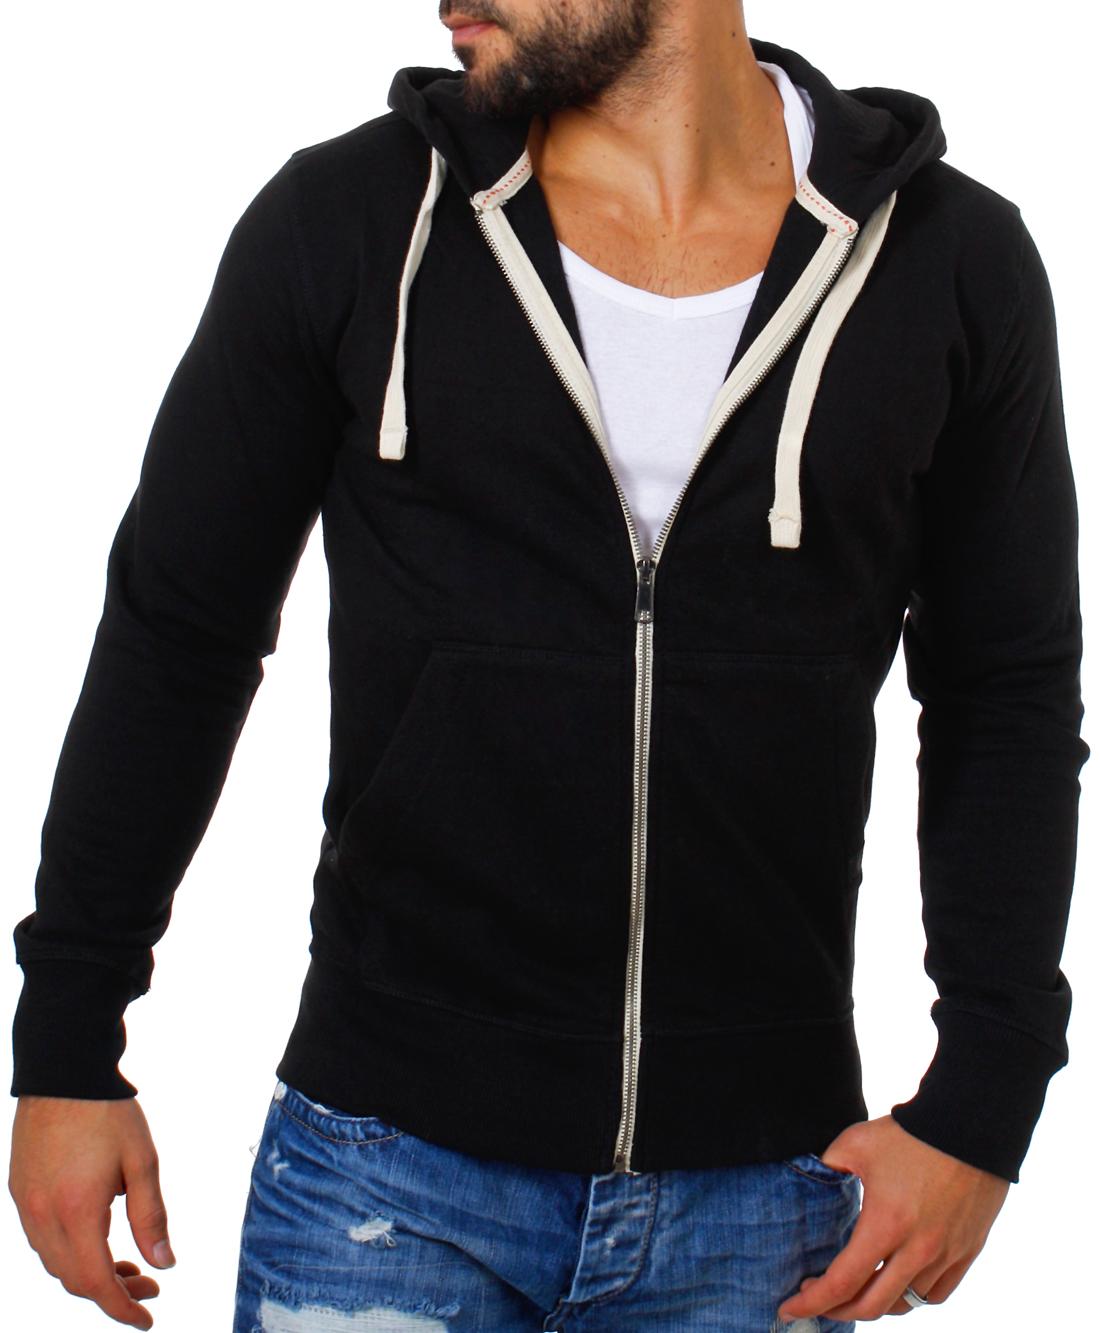 Details zu Young & Rich Herren Sweatjacke Sweatshirt Pullover mit Reißverschluss Kapuze 903